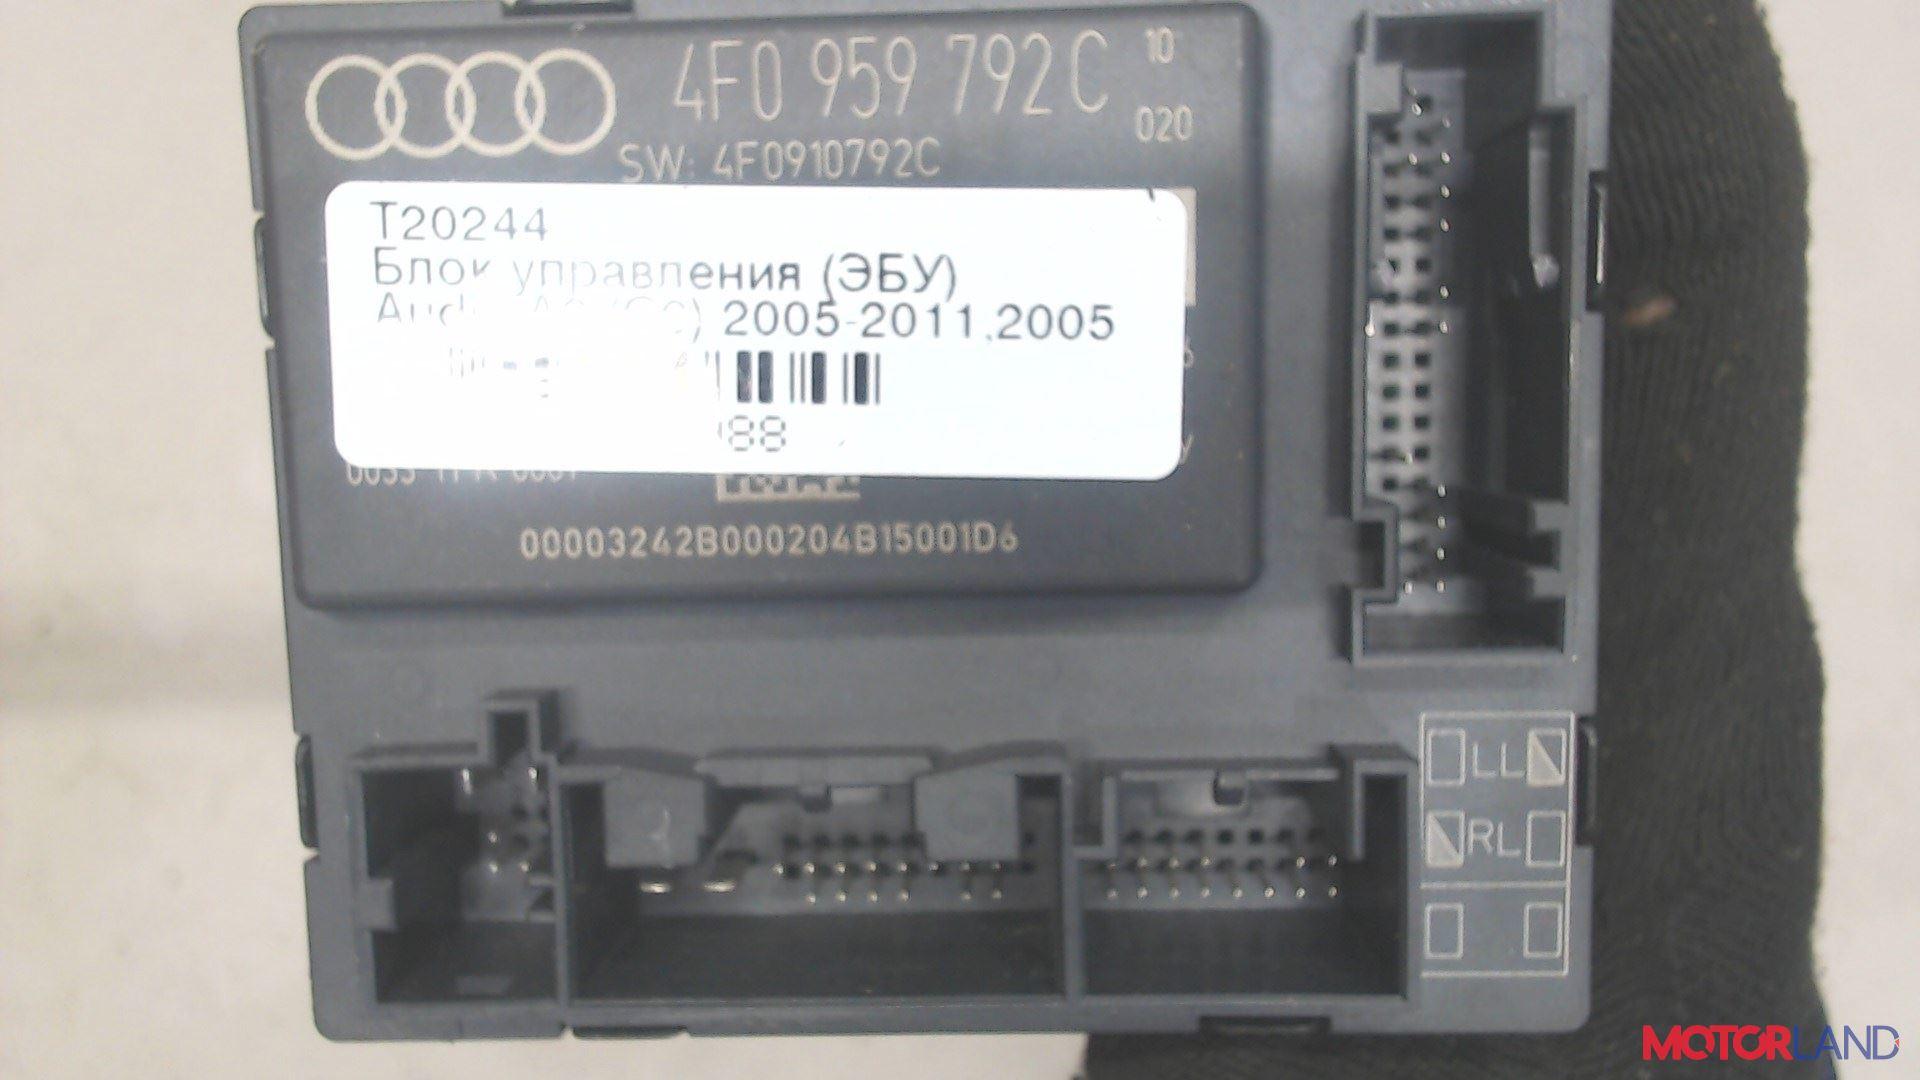 Блок управления (ЭБУ) Audi A6 (C6) 2005-2011 3 л. 2005 BMK б/у #3